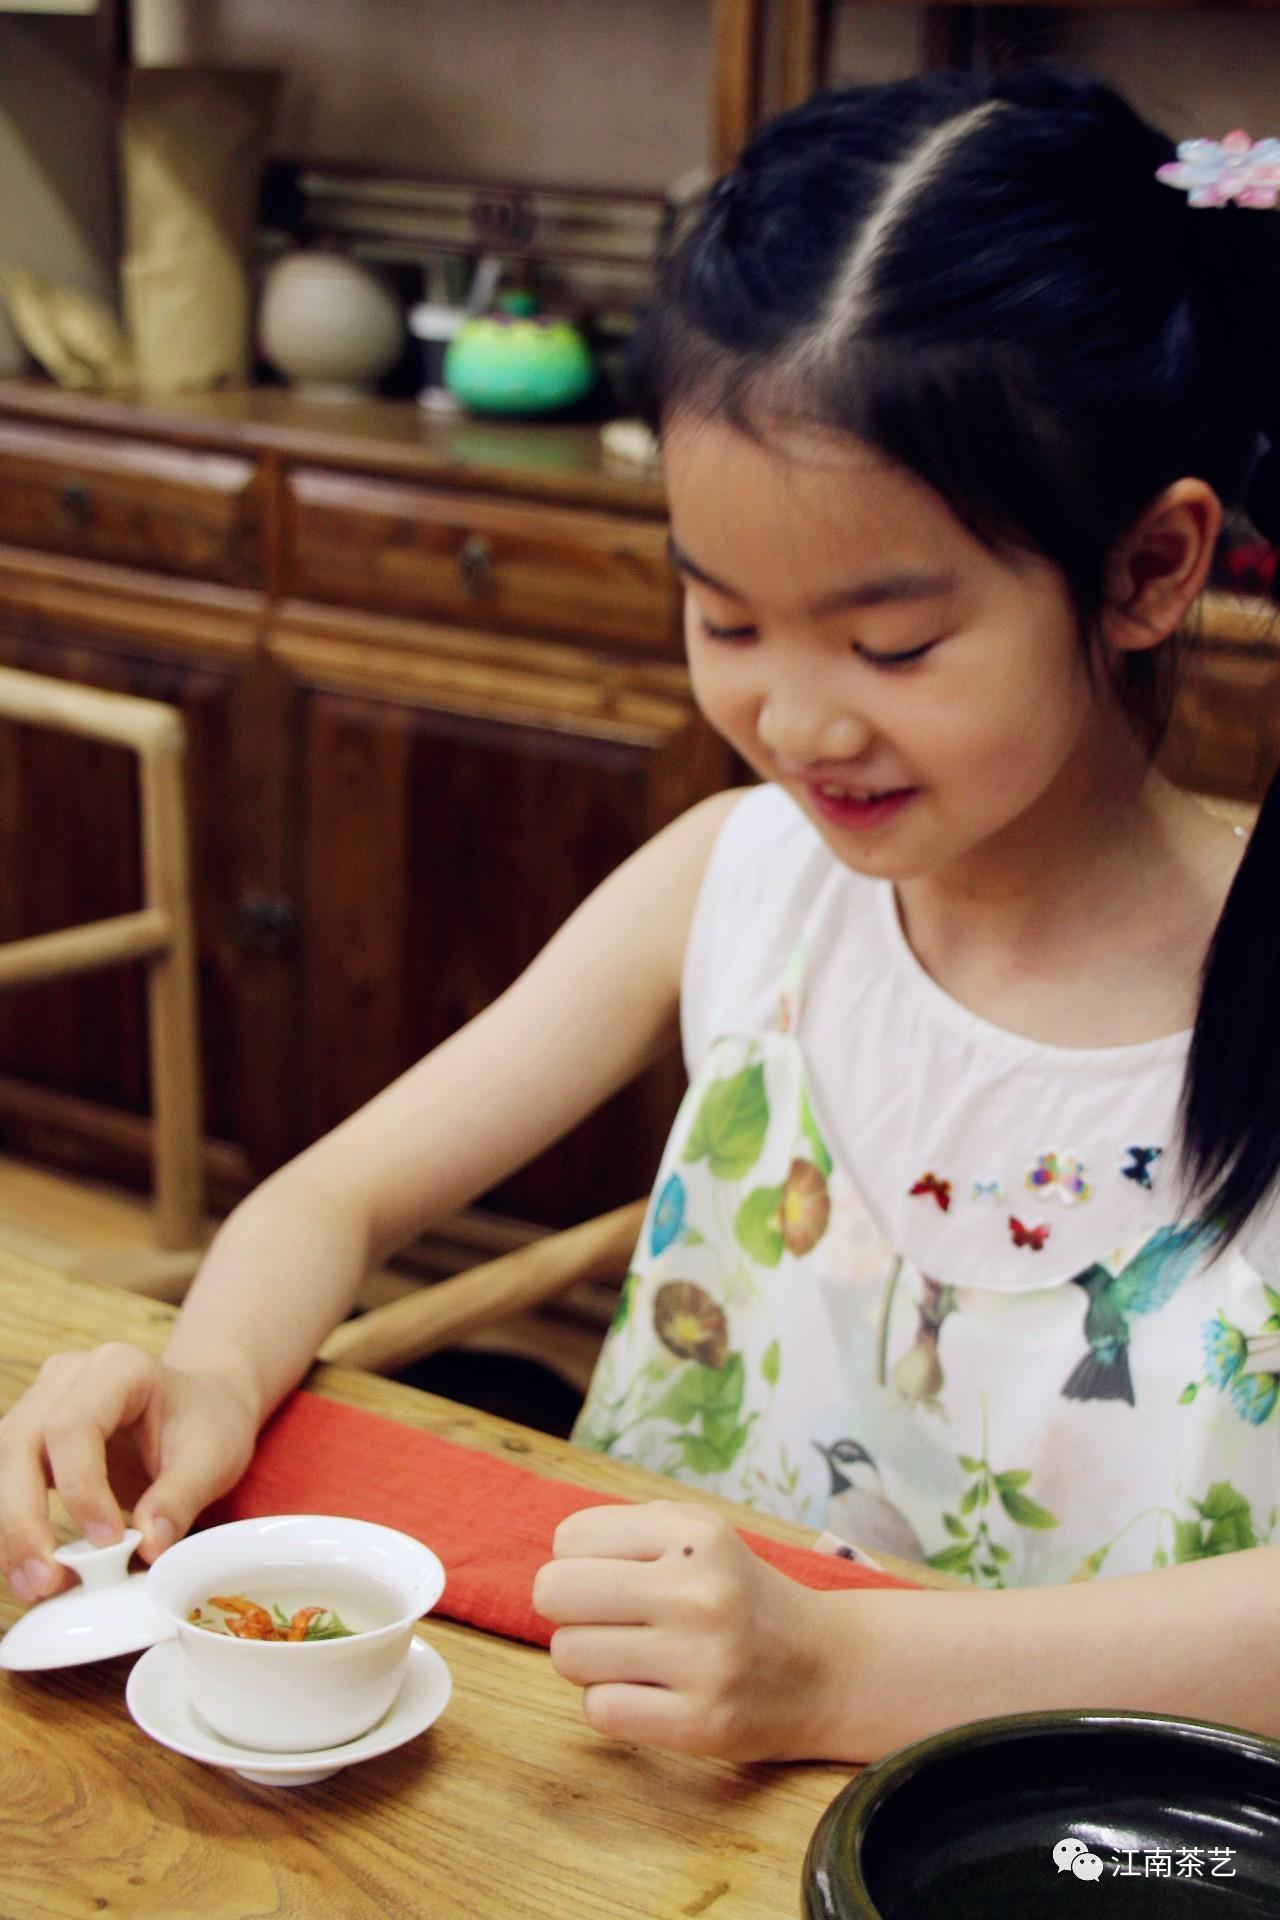 喝茶从娃娃抓起是否可行 娃娃几岁可以碰茶